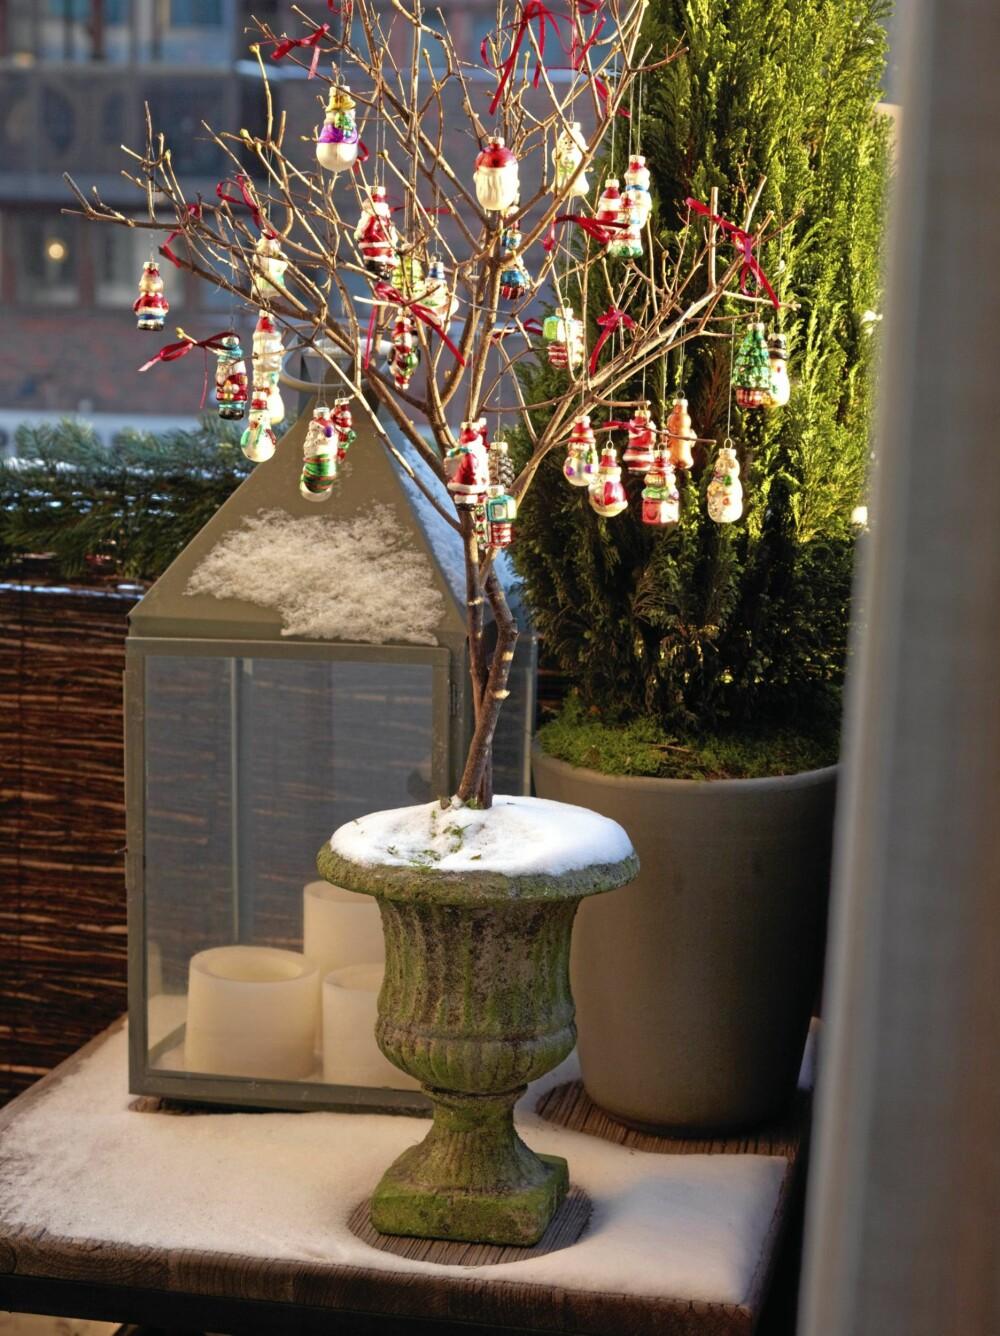 UTEHYGGE: Et grønt tre, en stor lykt og pyntede grener skaper jul på balkongen. Lykten er fra Christian's. De røde figurene minner litt om gammeldags tysk julepynt, og er kjøpt på Nille.